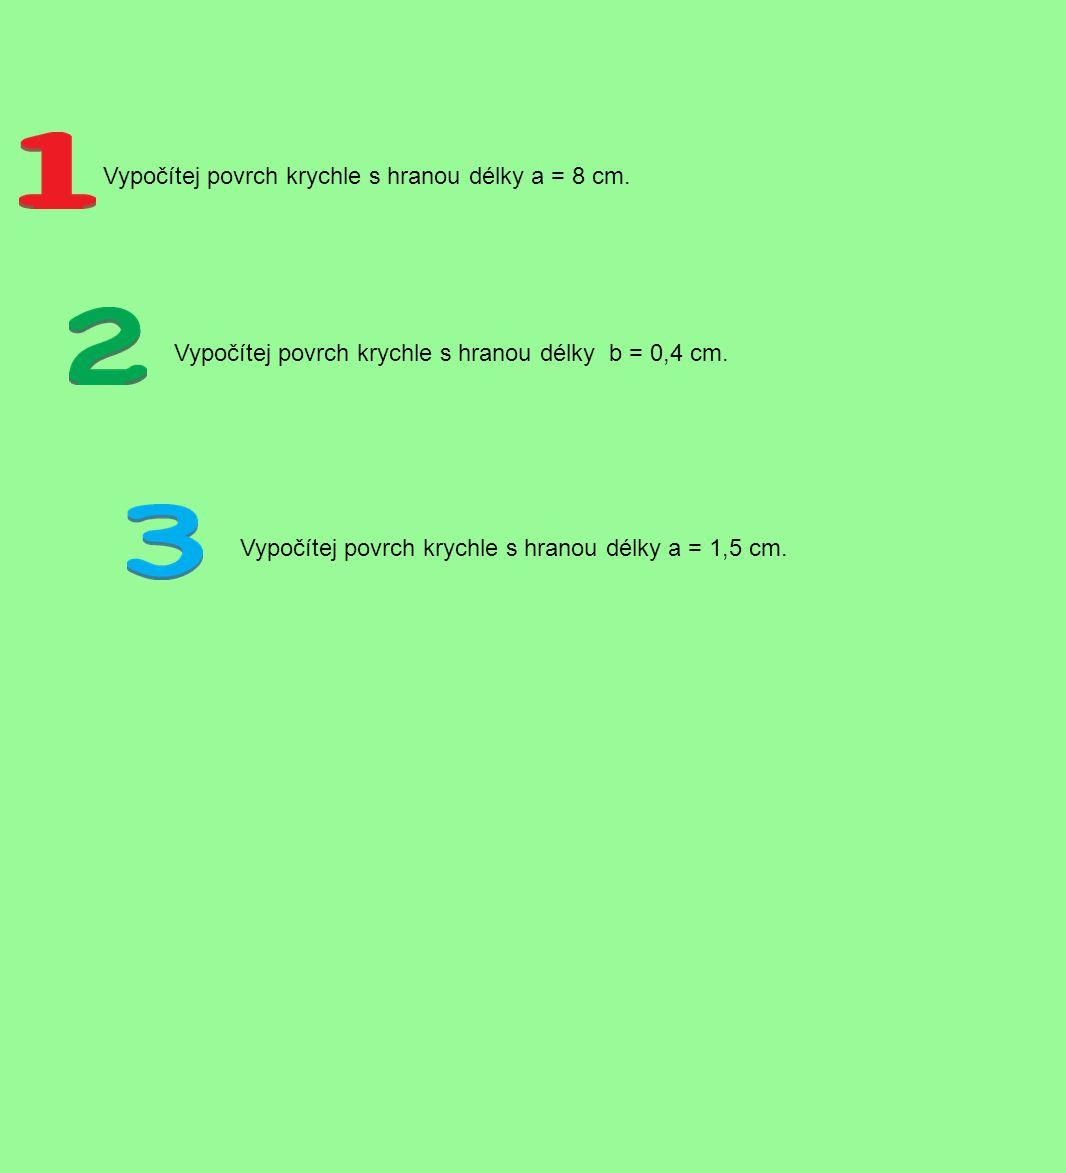 Vypočítej povrch krychle s hranou délky a = 8 cm. Vypočítej povrch krychle s hranou délky b = 0,4 cm. Vypočítej povrch krychle s hranou délky a = 1,5